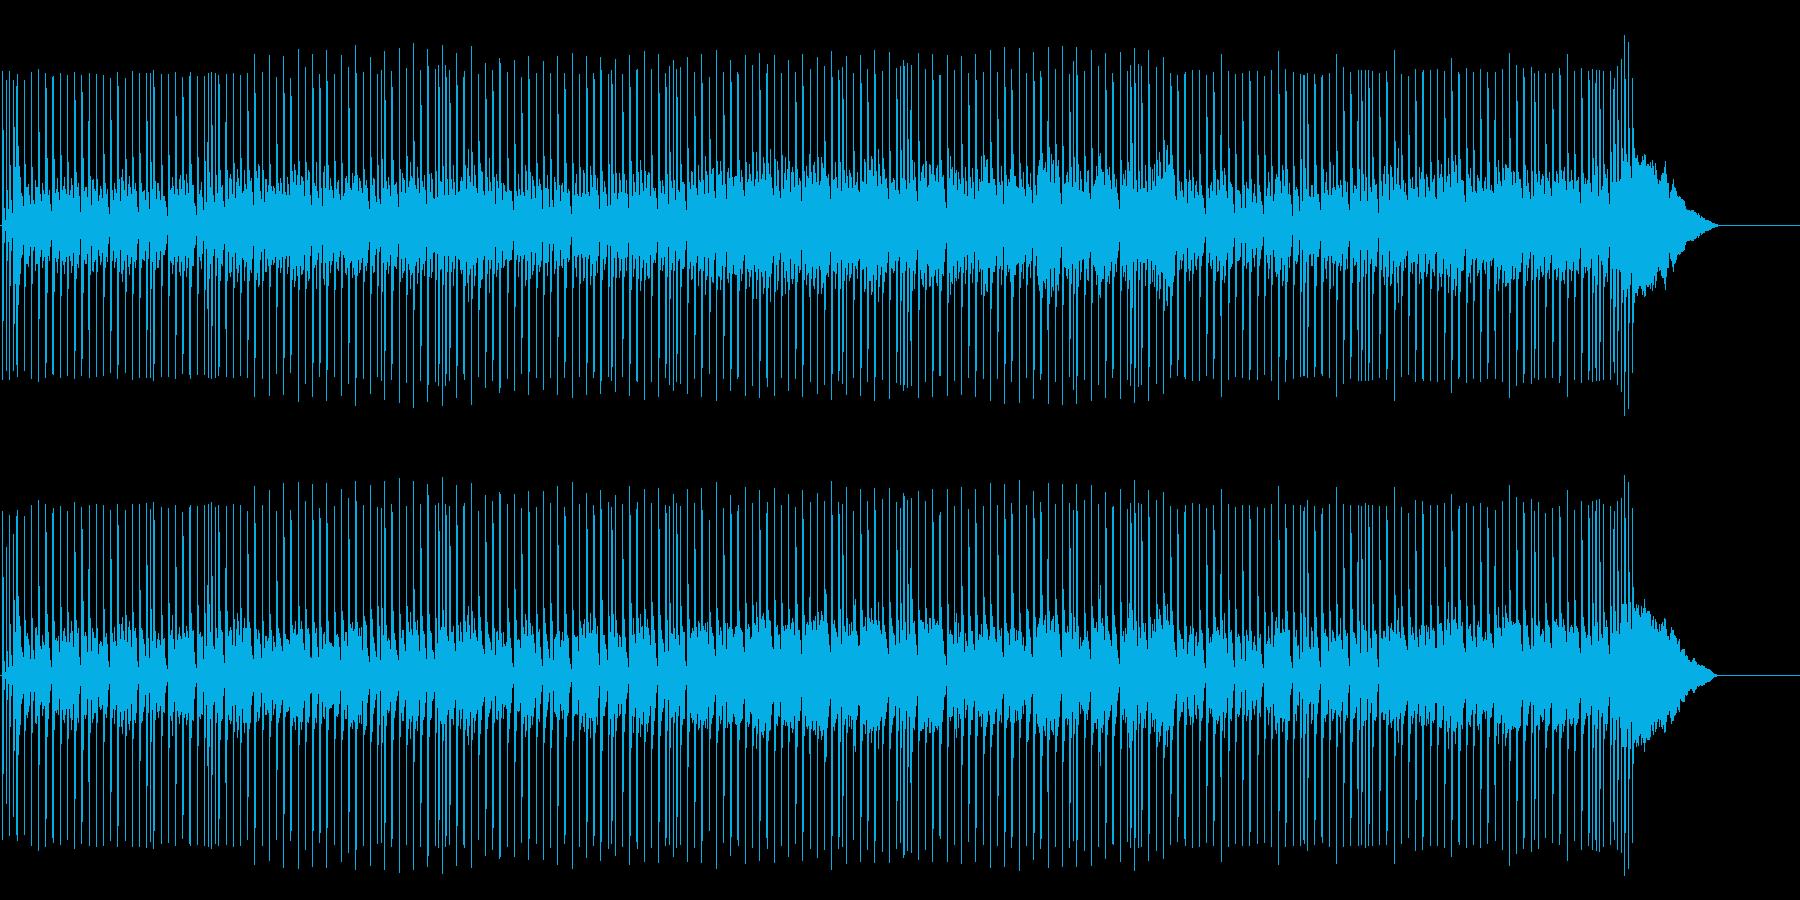 シリアスなテクノ/ポップ/マイナーの再生済みの波形